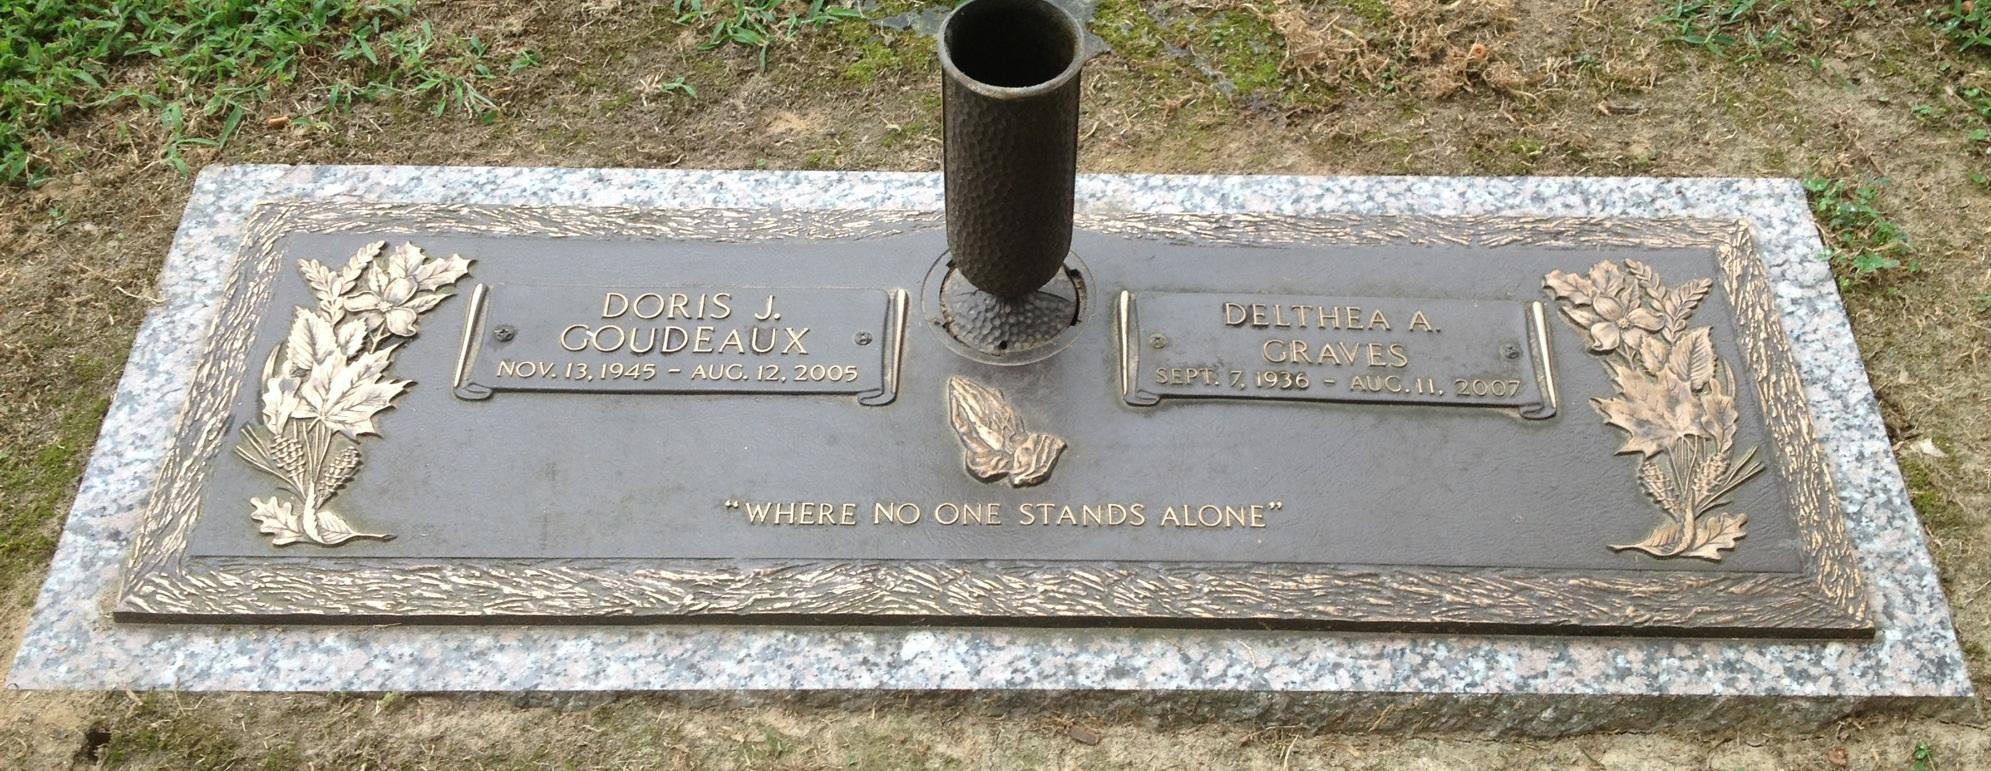 Delthea Ann <i>Ammons</i> Graves